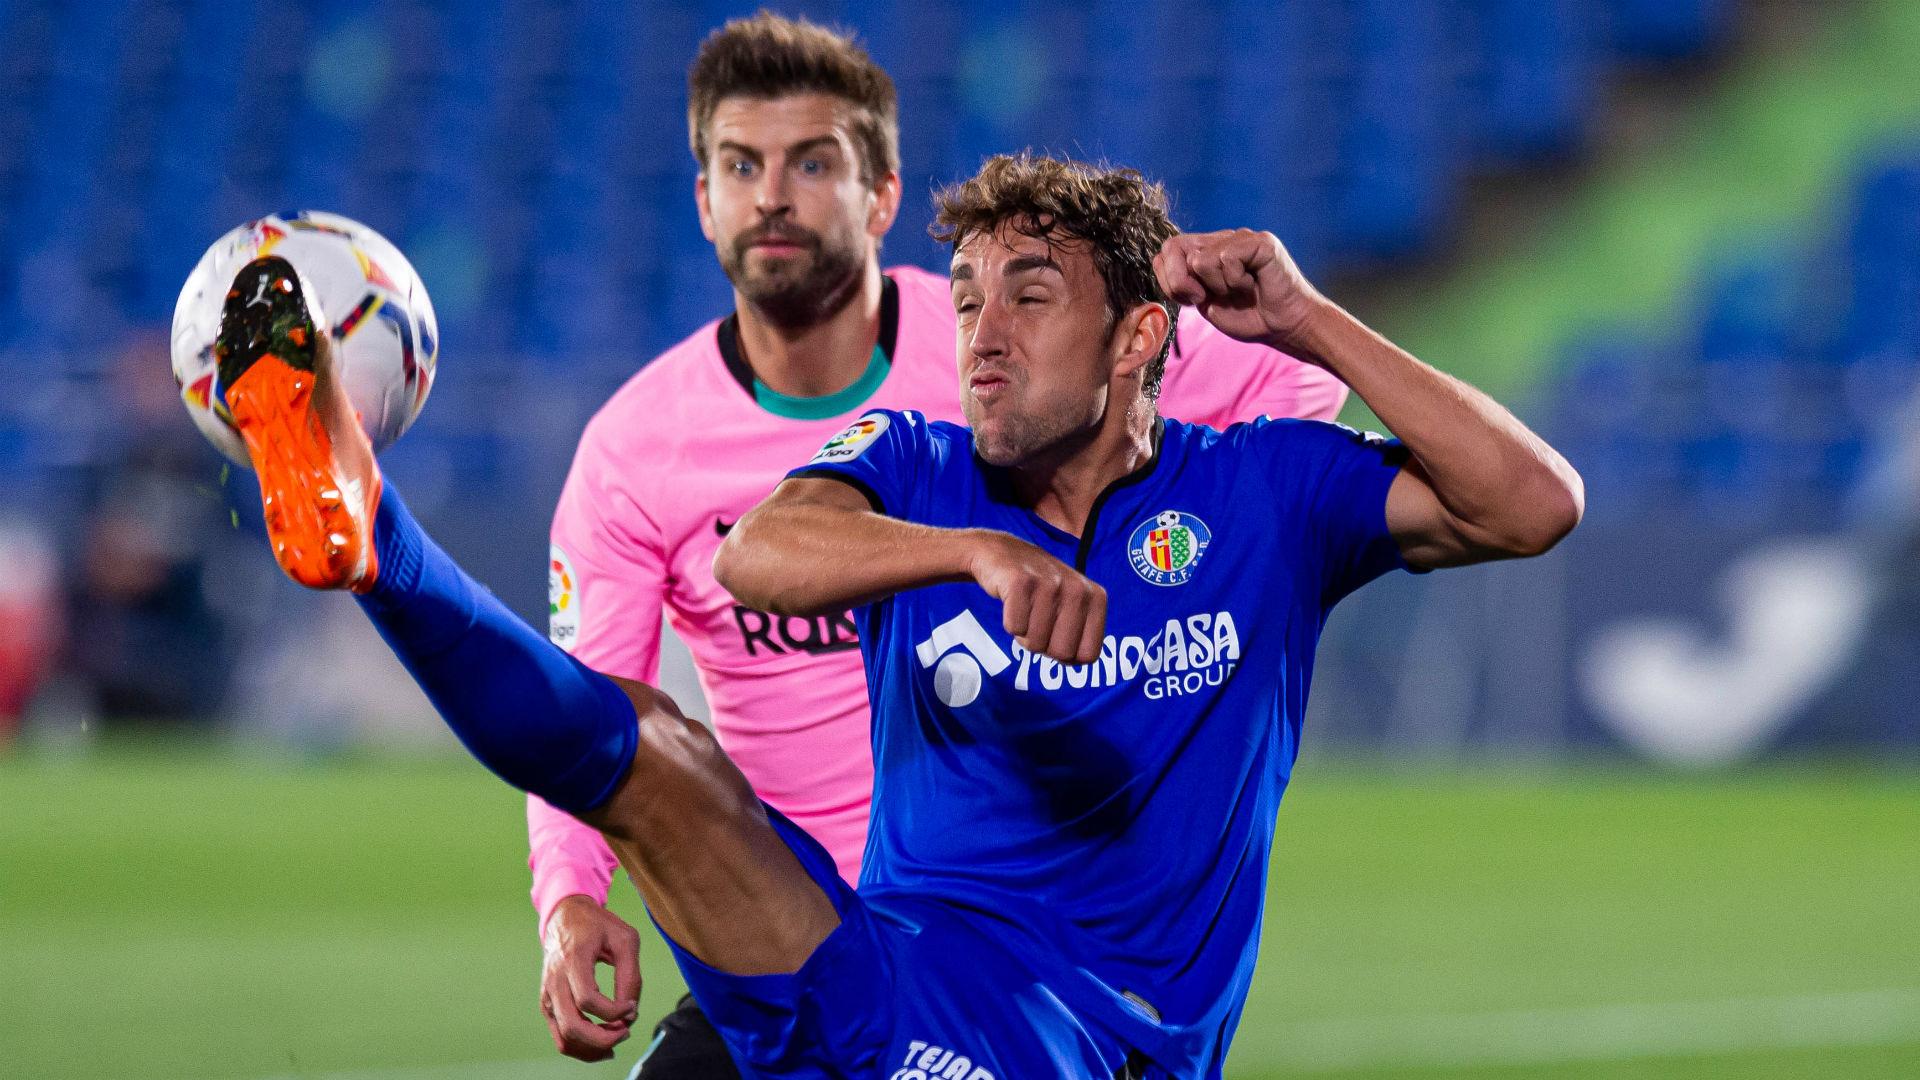 La Liga LIVE: Barcelona vs Getafe live streaming link for free